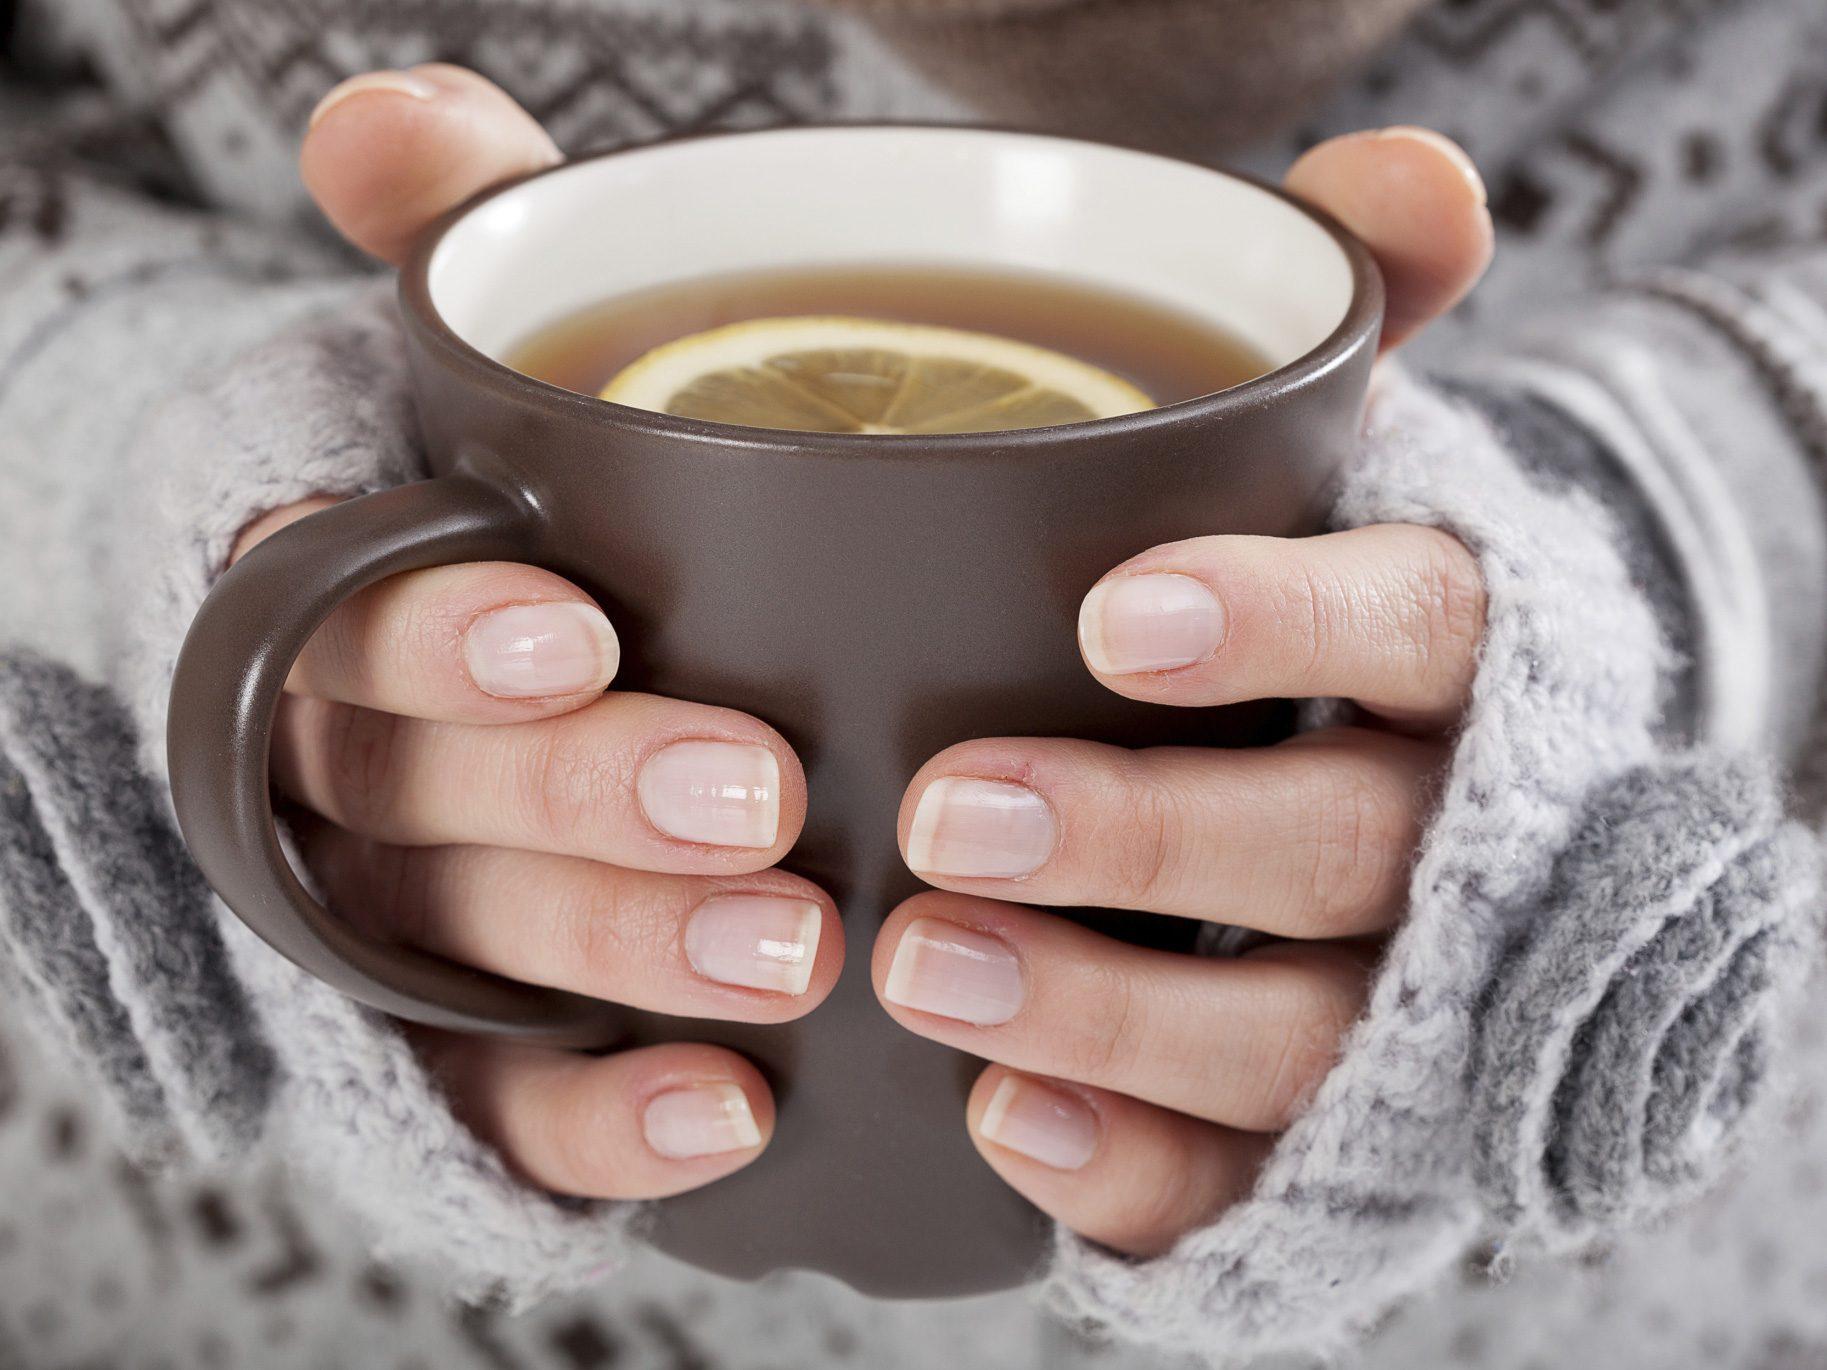 Drink Warm Fluids